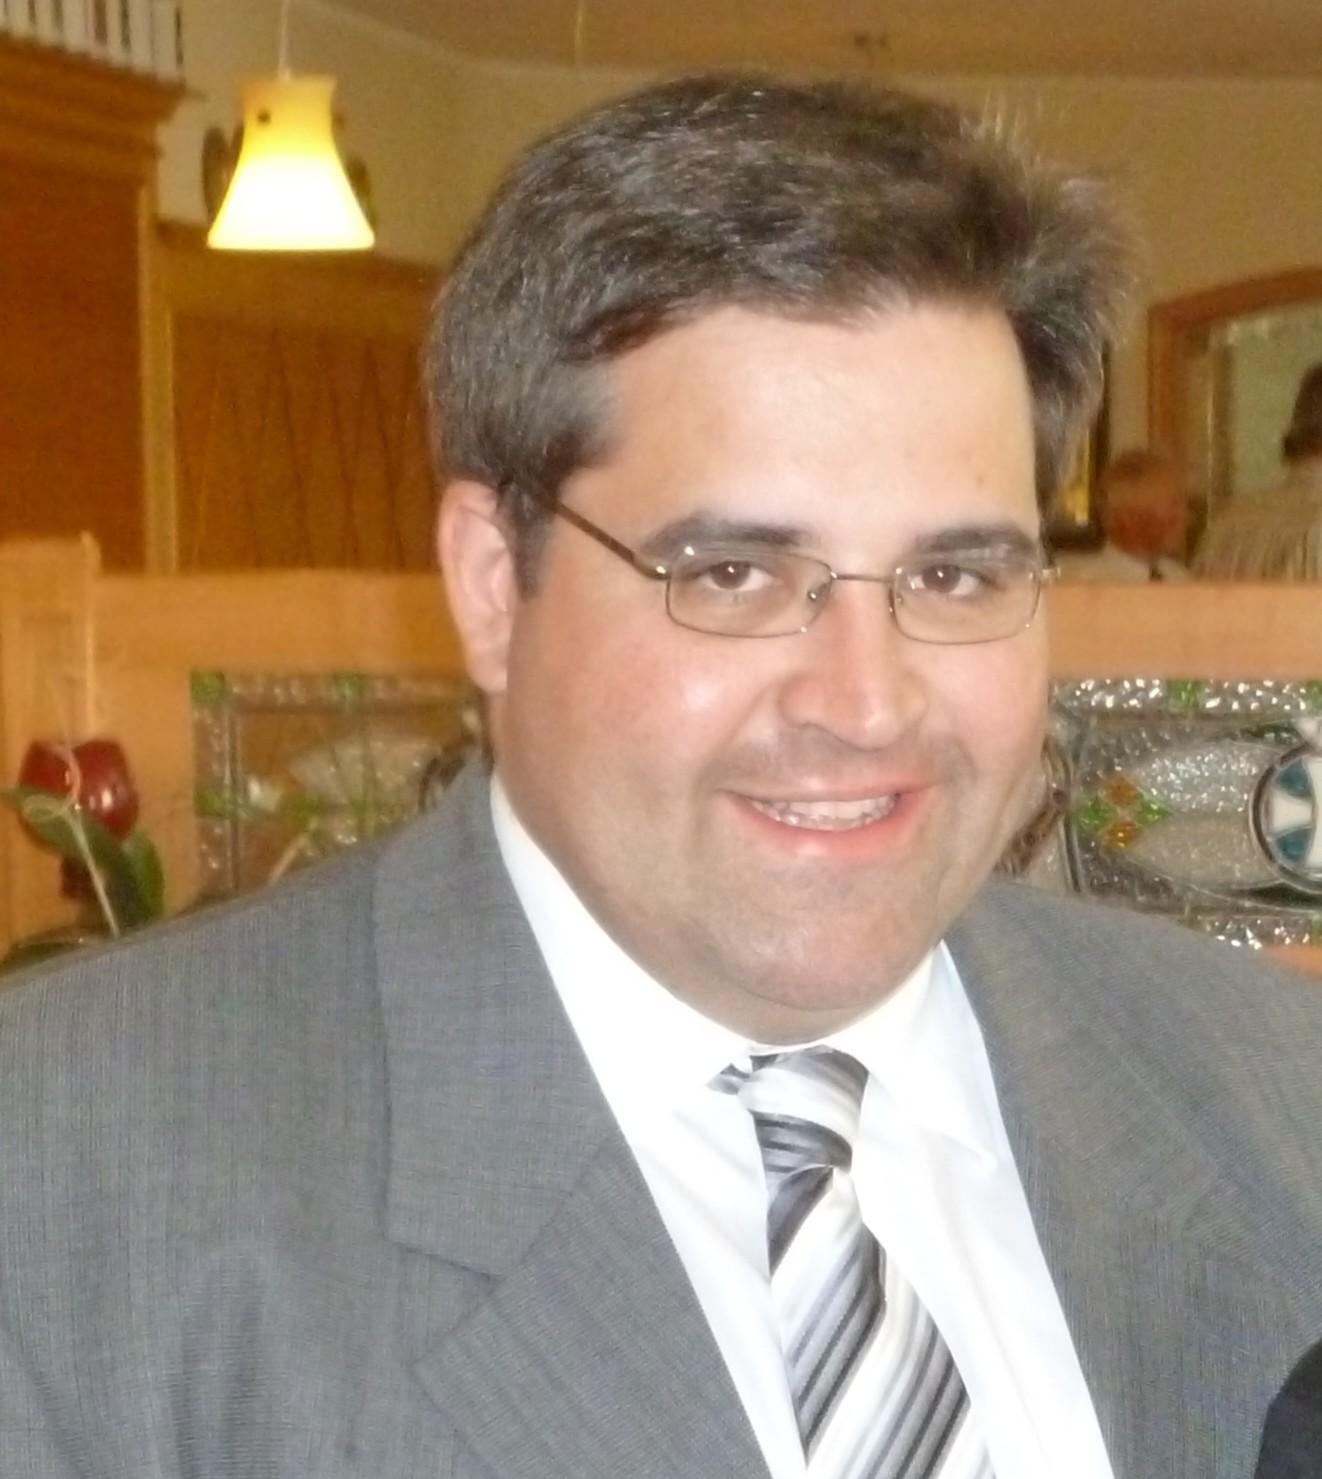 Christian Hornung